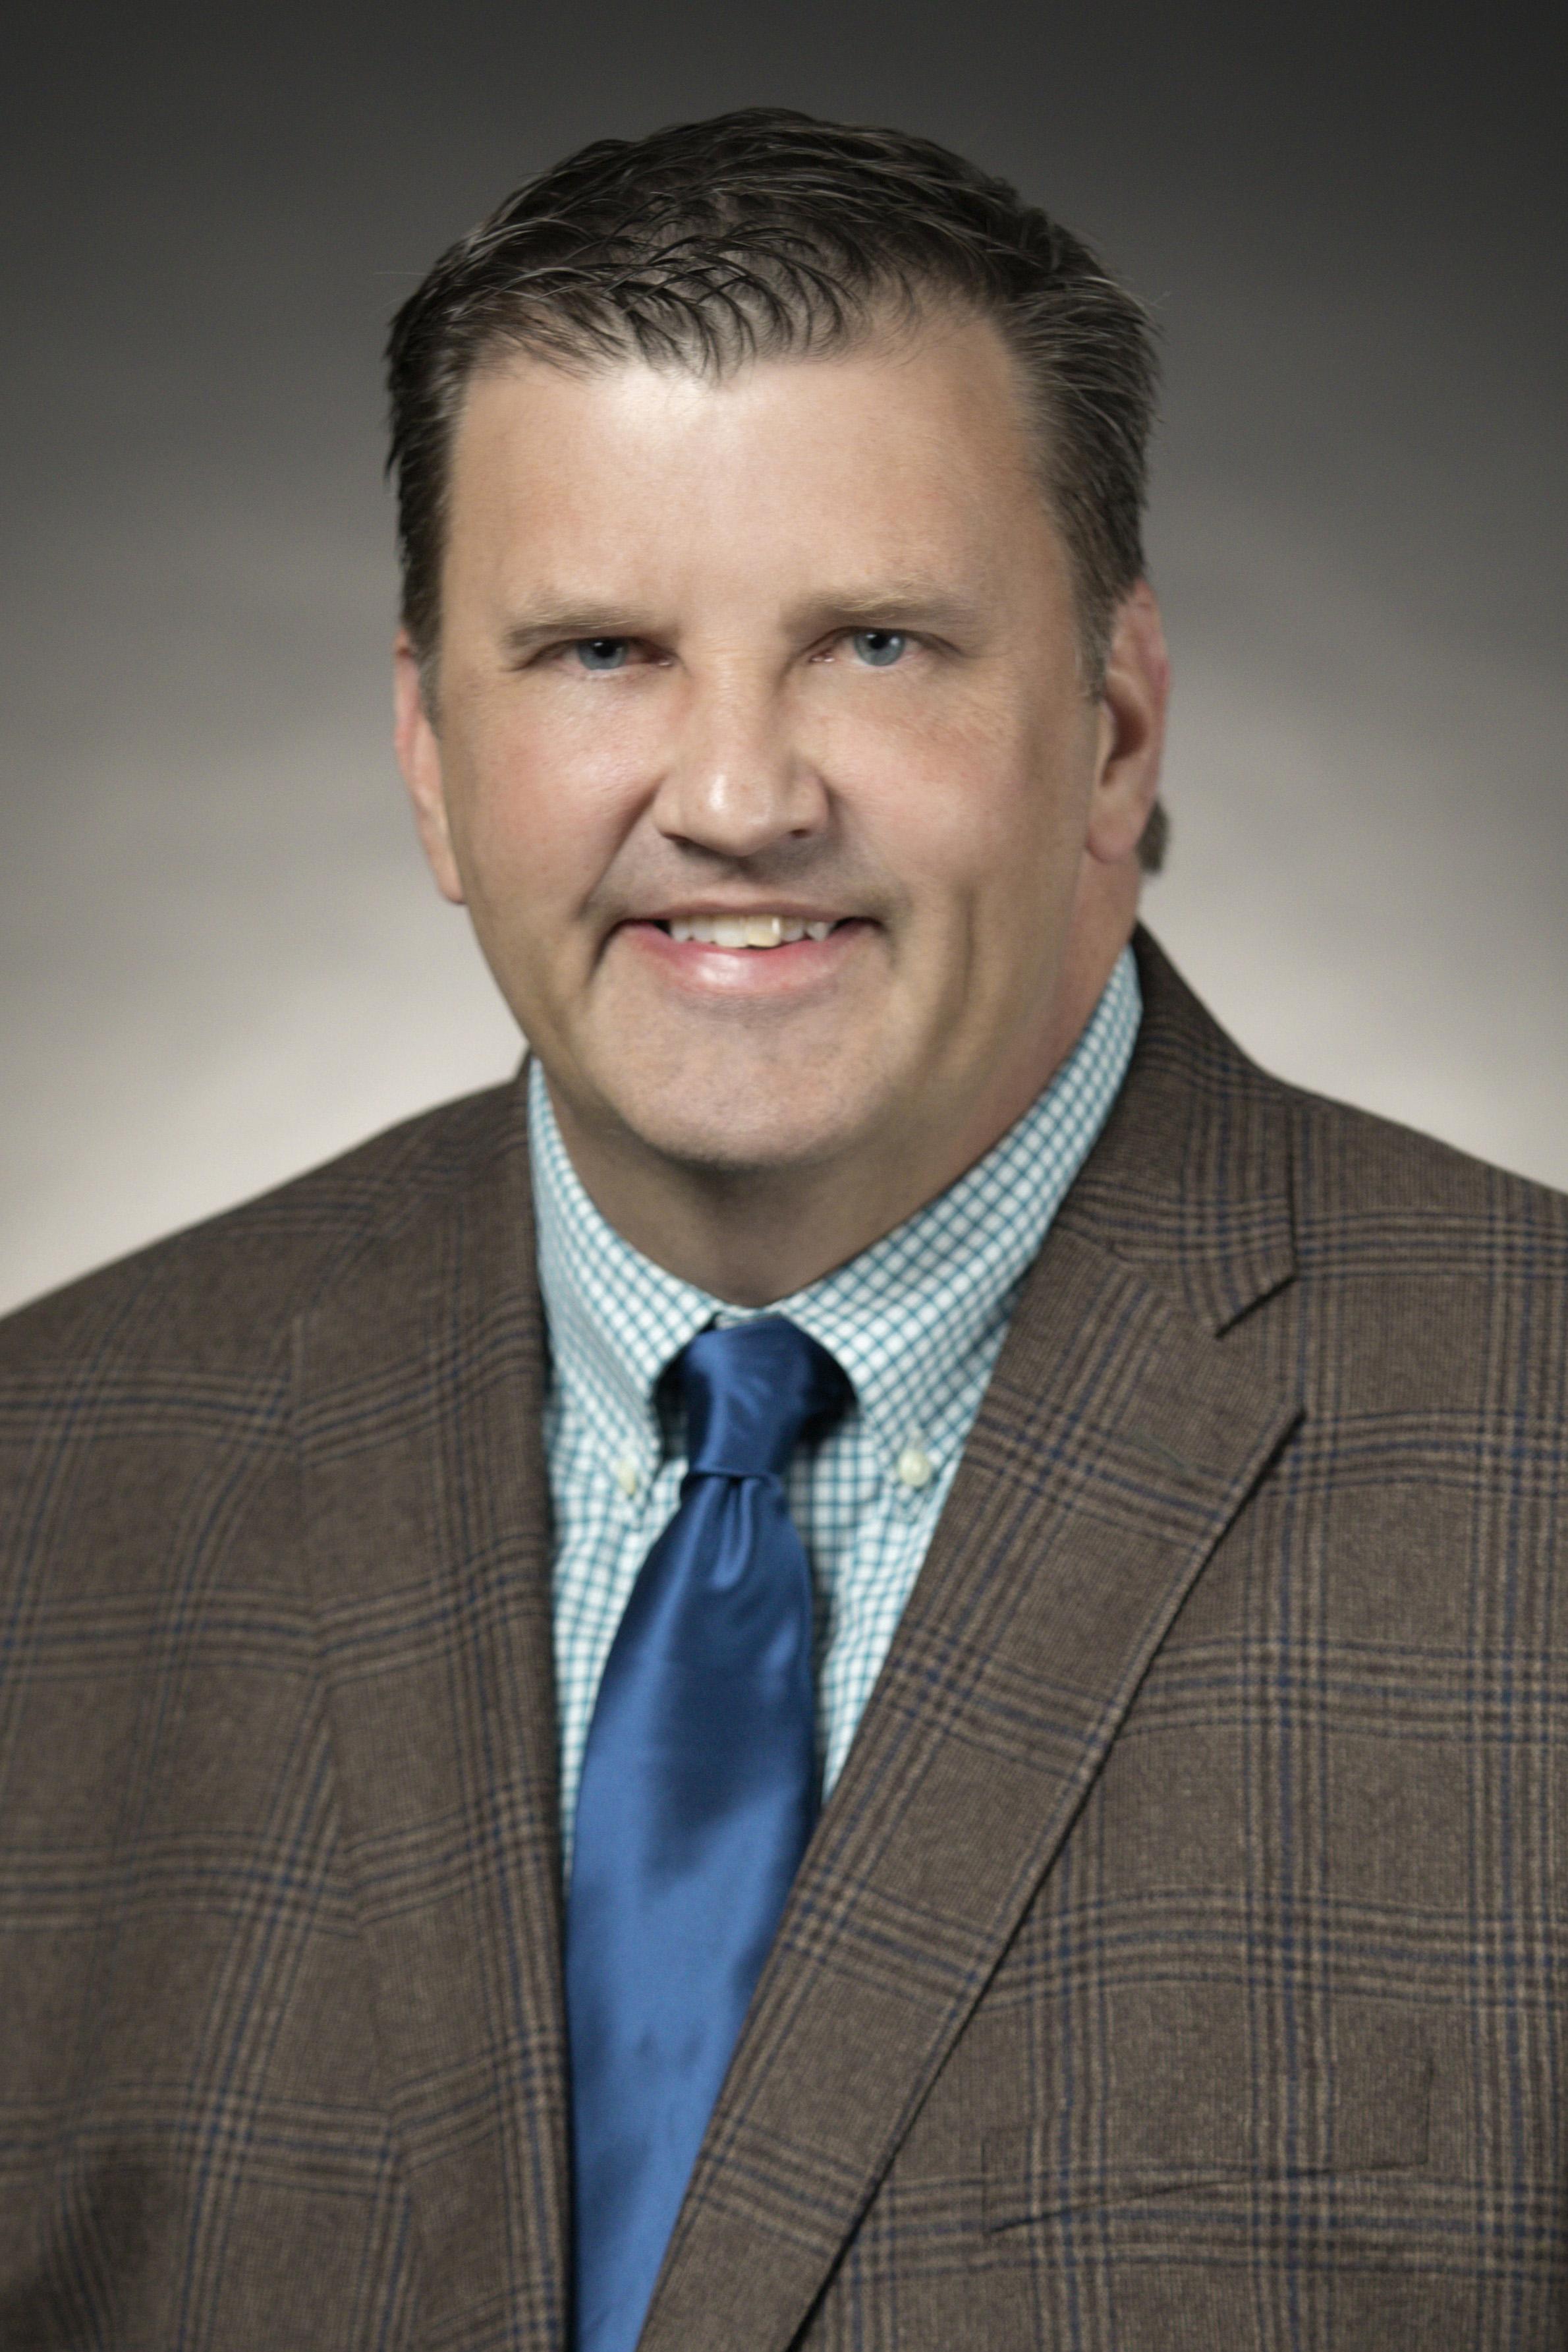 Photo of Joe Sitkowski